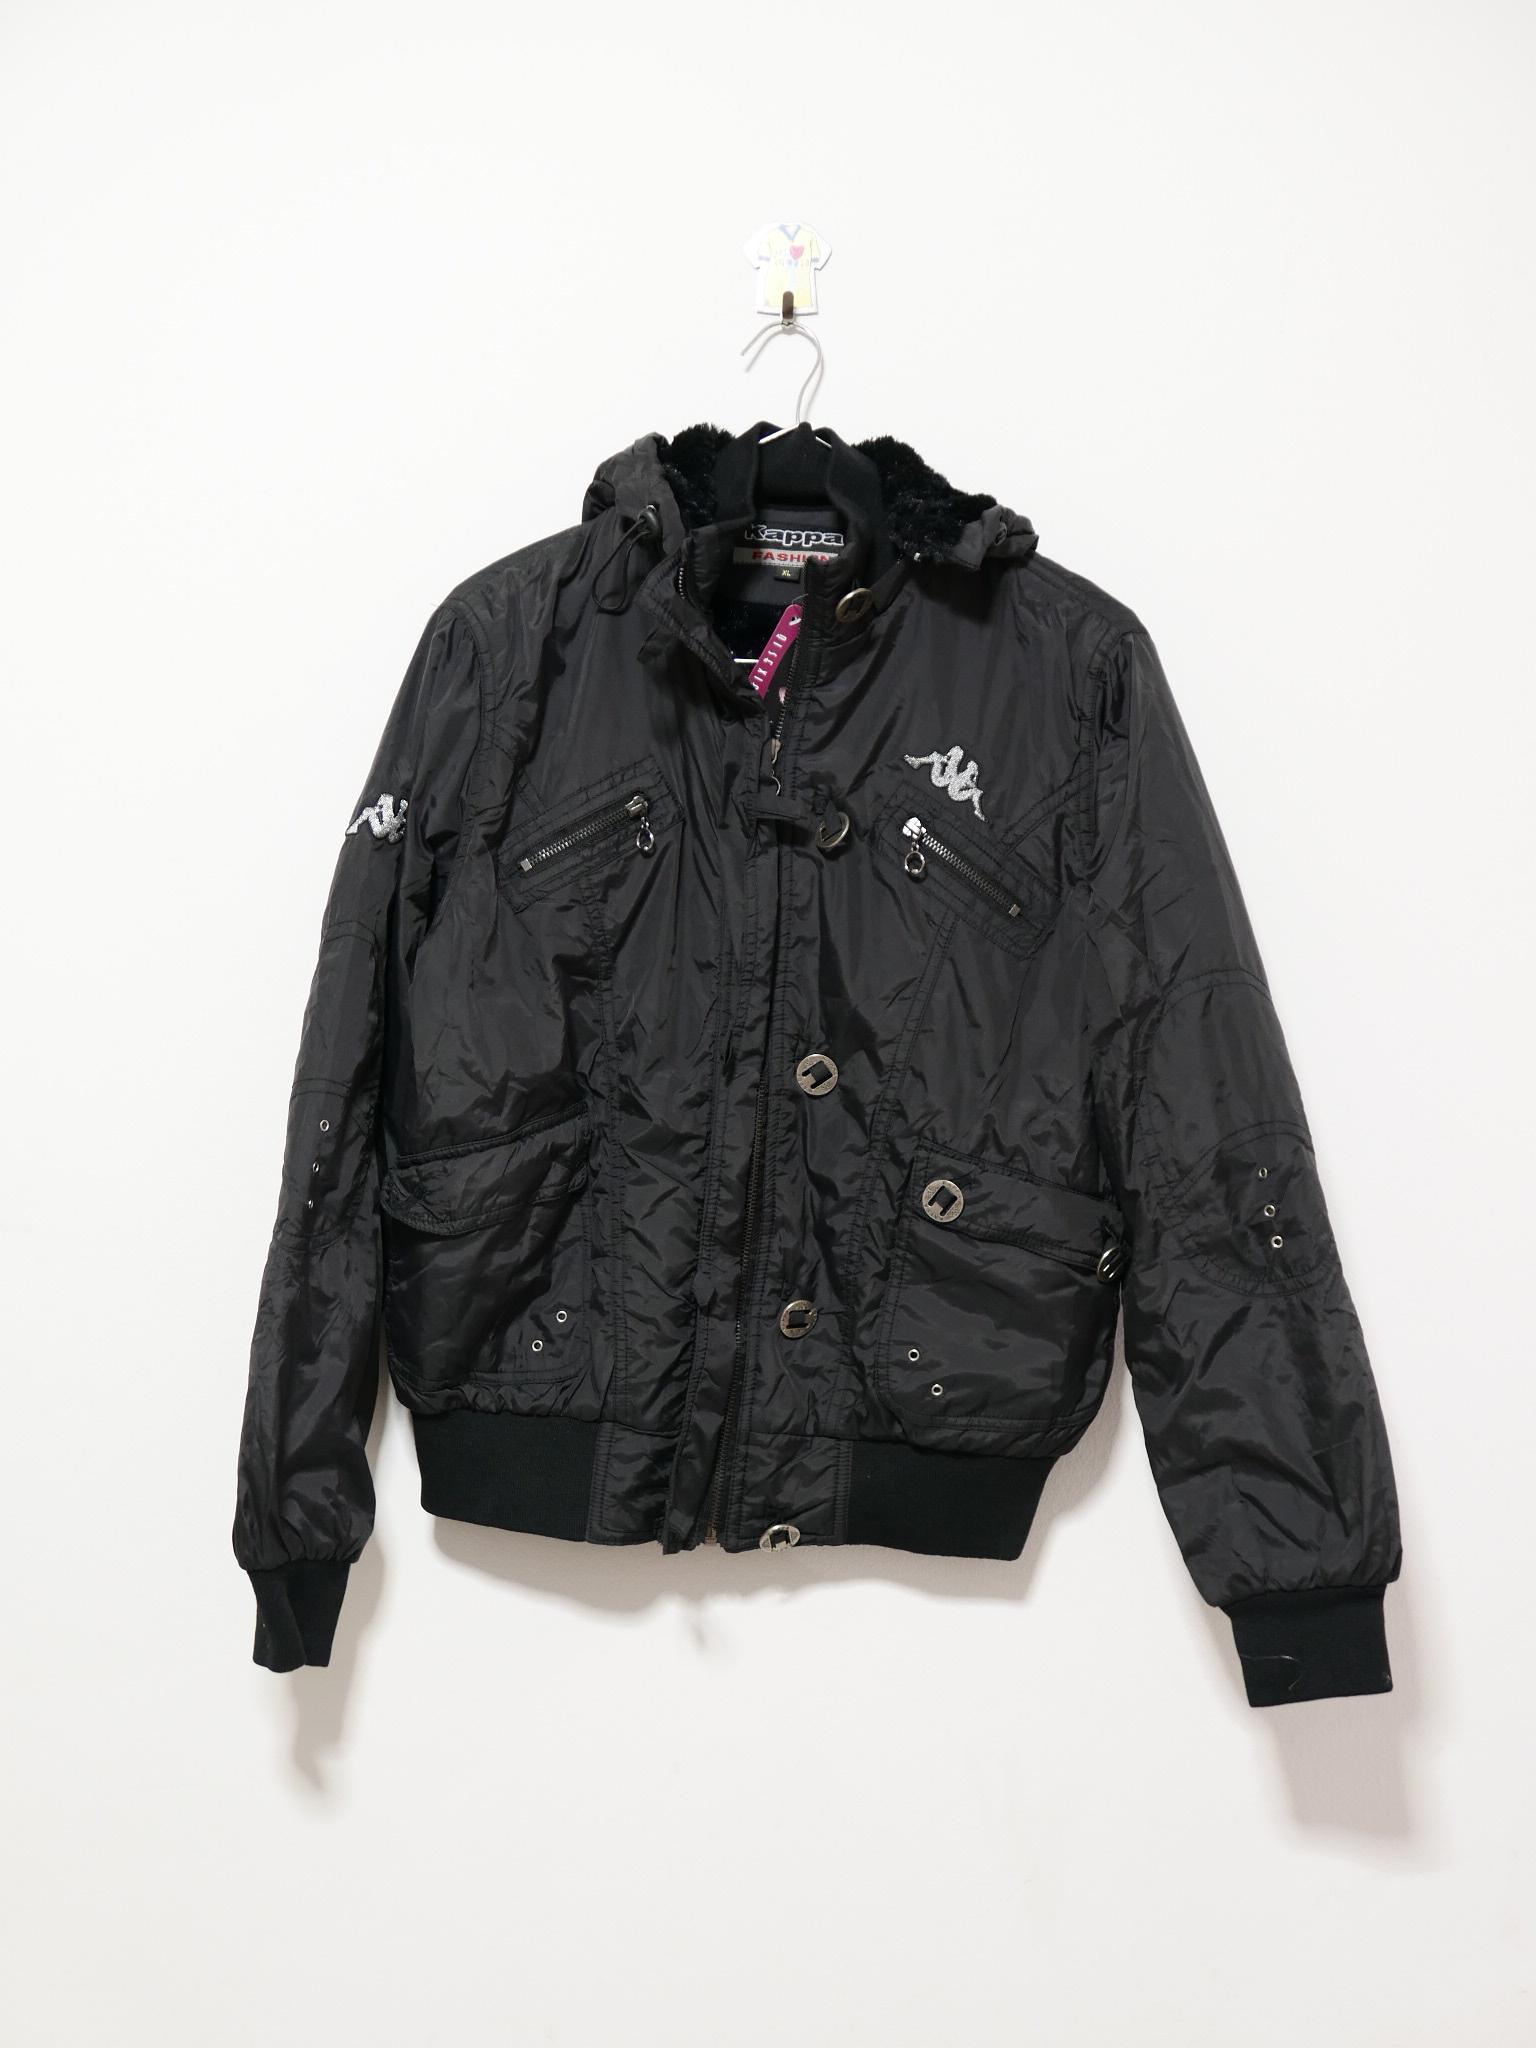 เสื้อหนาวสีดำ Kappa